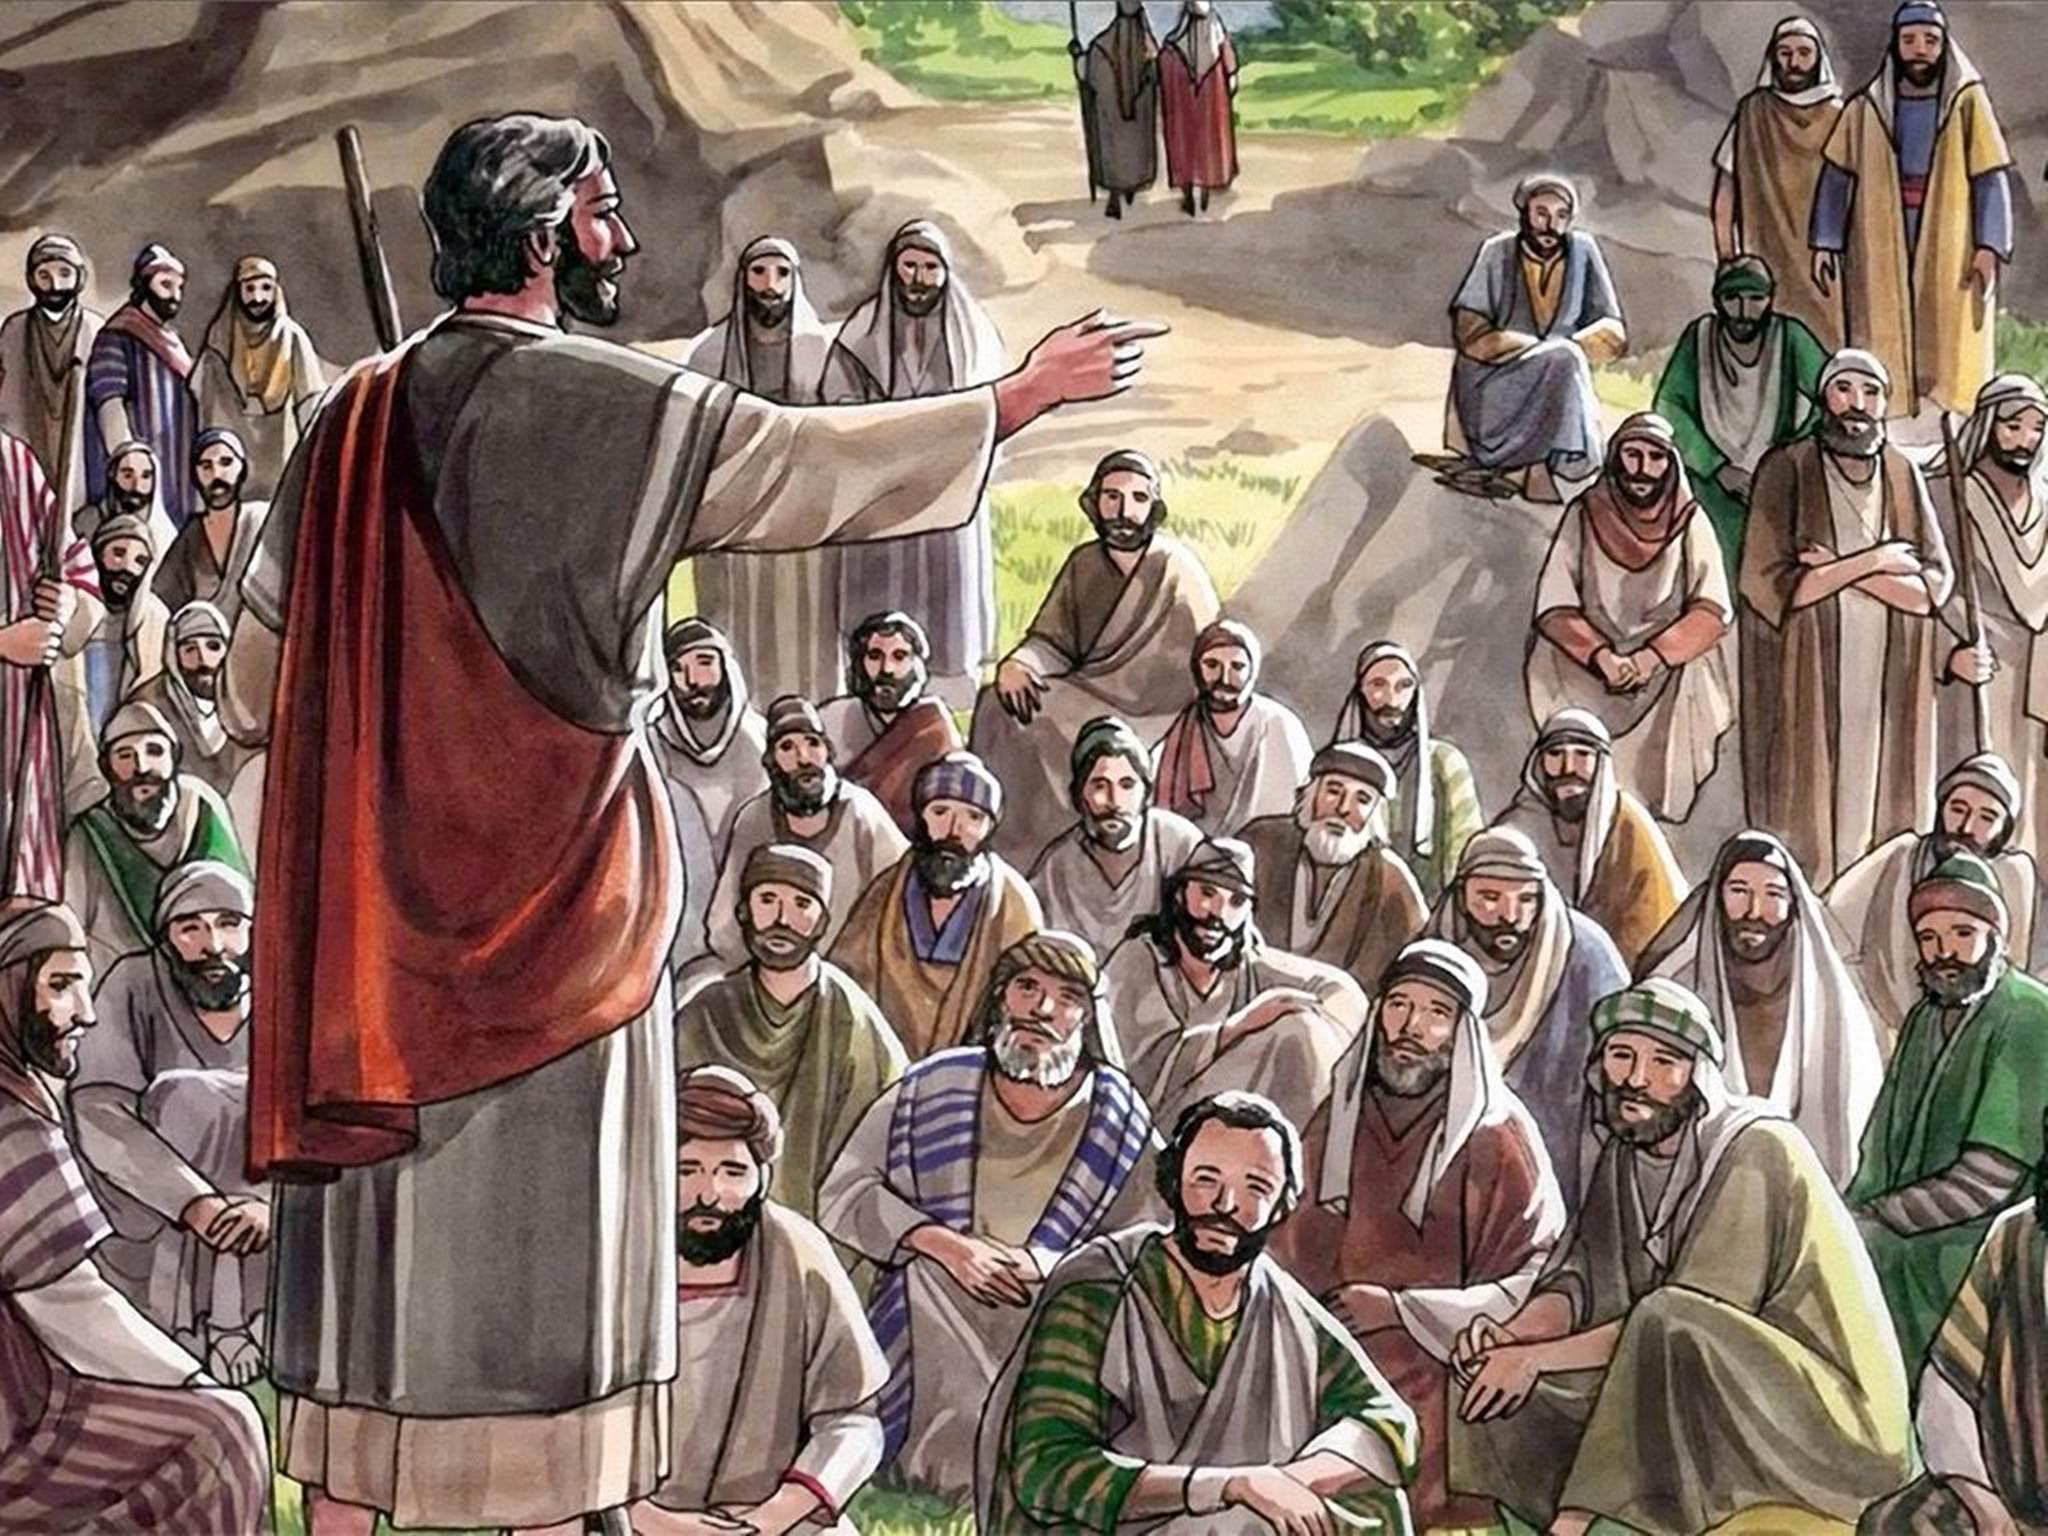 Chúa Cha lôi kéo (22.4.2021 – Thứ Năm Tuần 3 Phục Sinh)